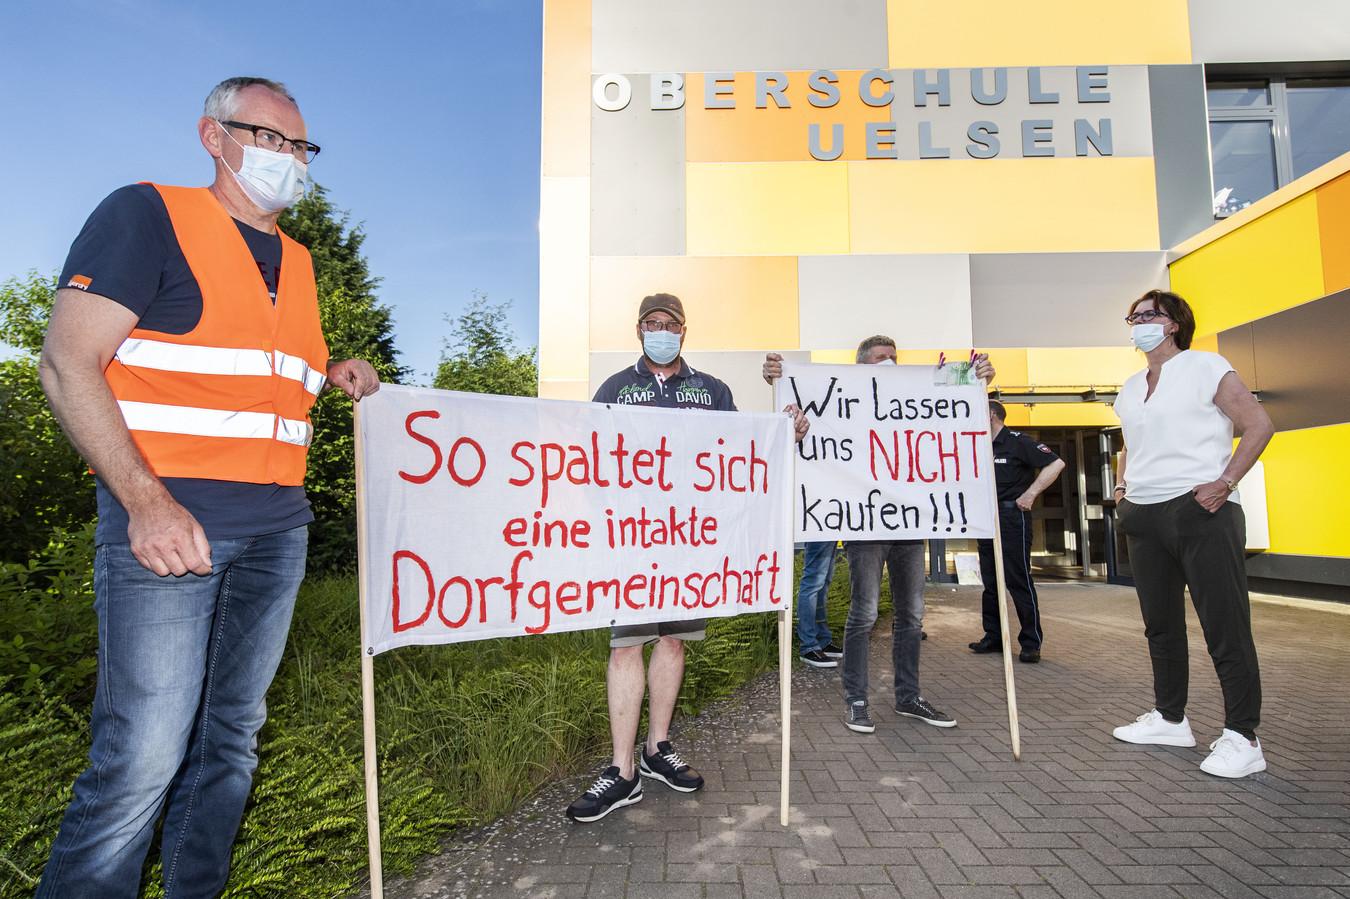 In Uelsen is donderdag door Duitse en Nederlandse grensbewoners geprotesteerd tegen de komst van dertien windmolens tegen de grens met de gemeente Hardenberg. Liza Bakhuis is een van de actievoerders vanuit Kloosterhaar.